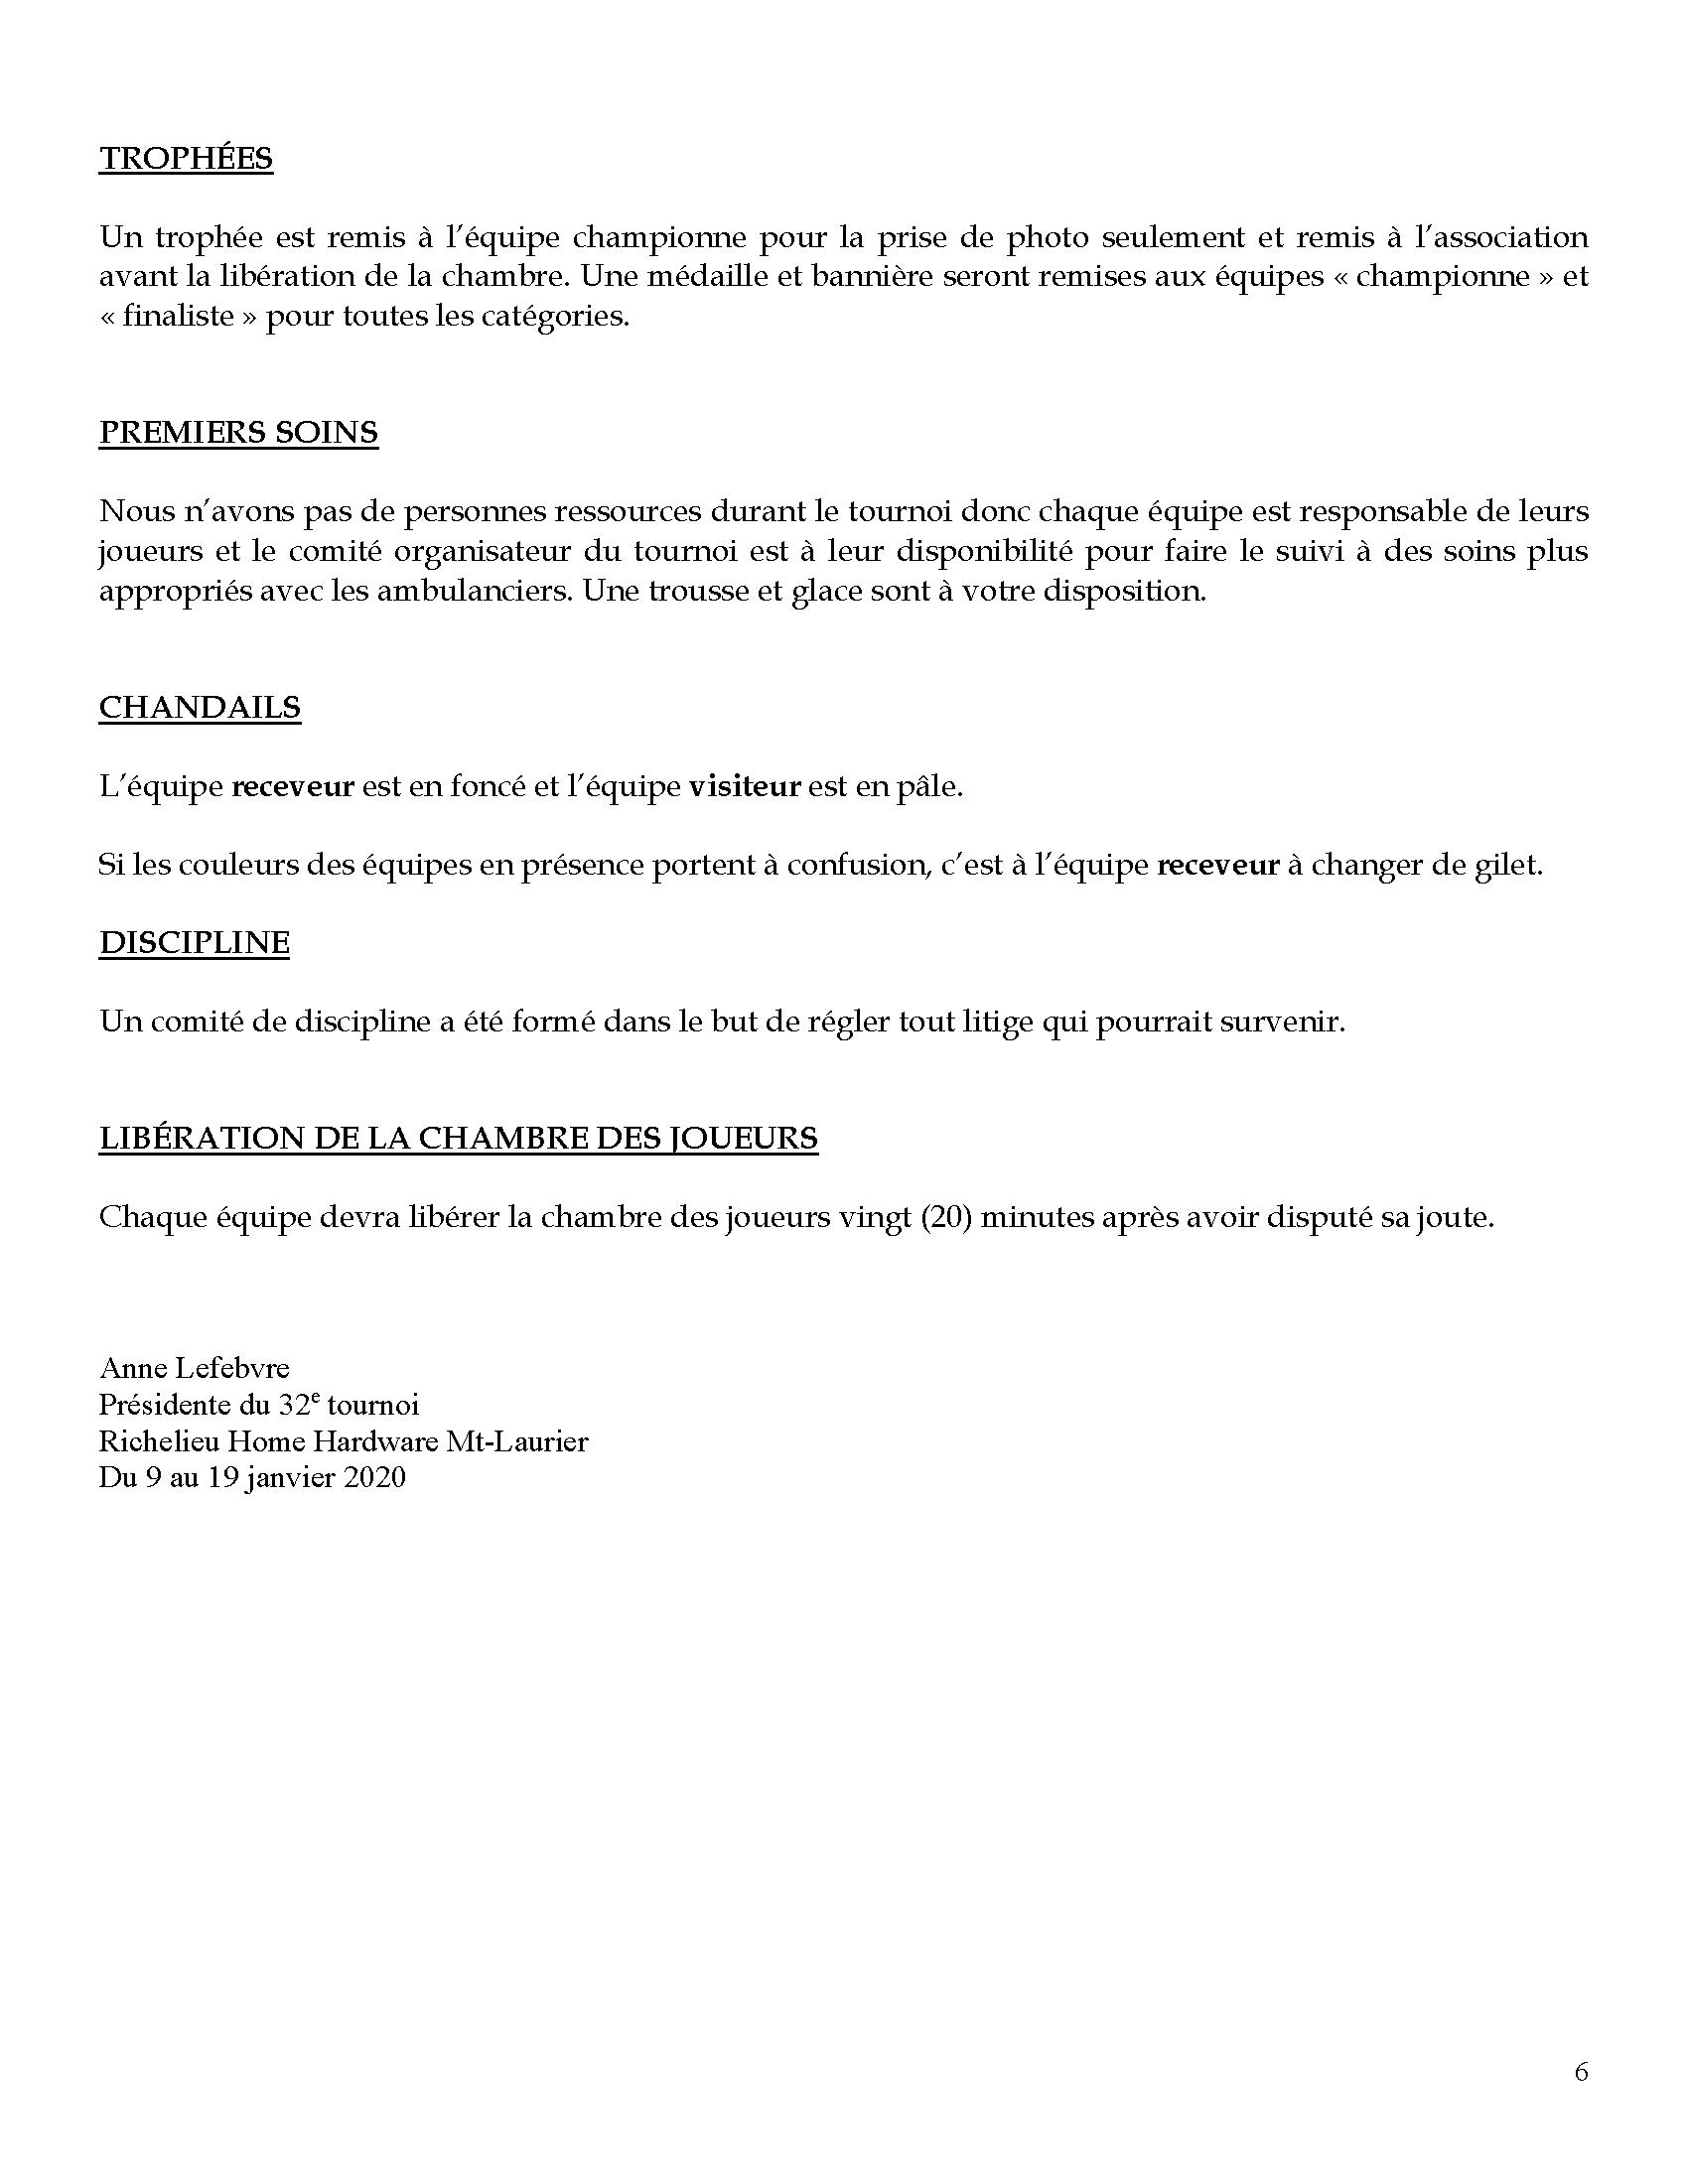 Reglements_Richelieu_2020_Page_6.png